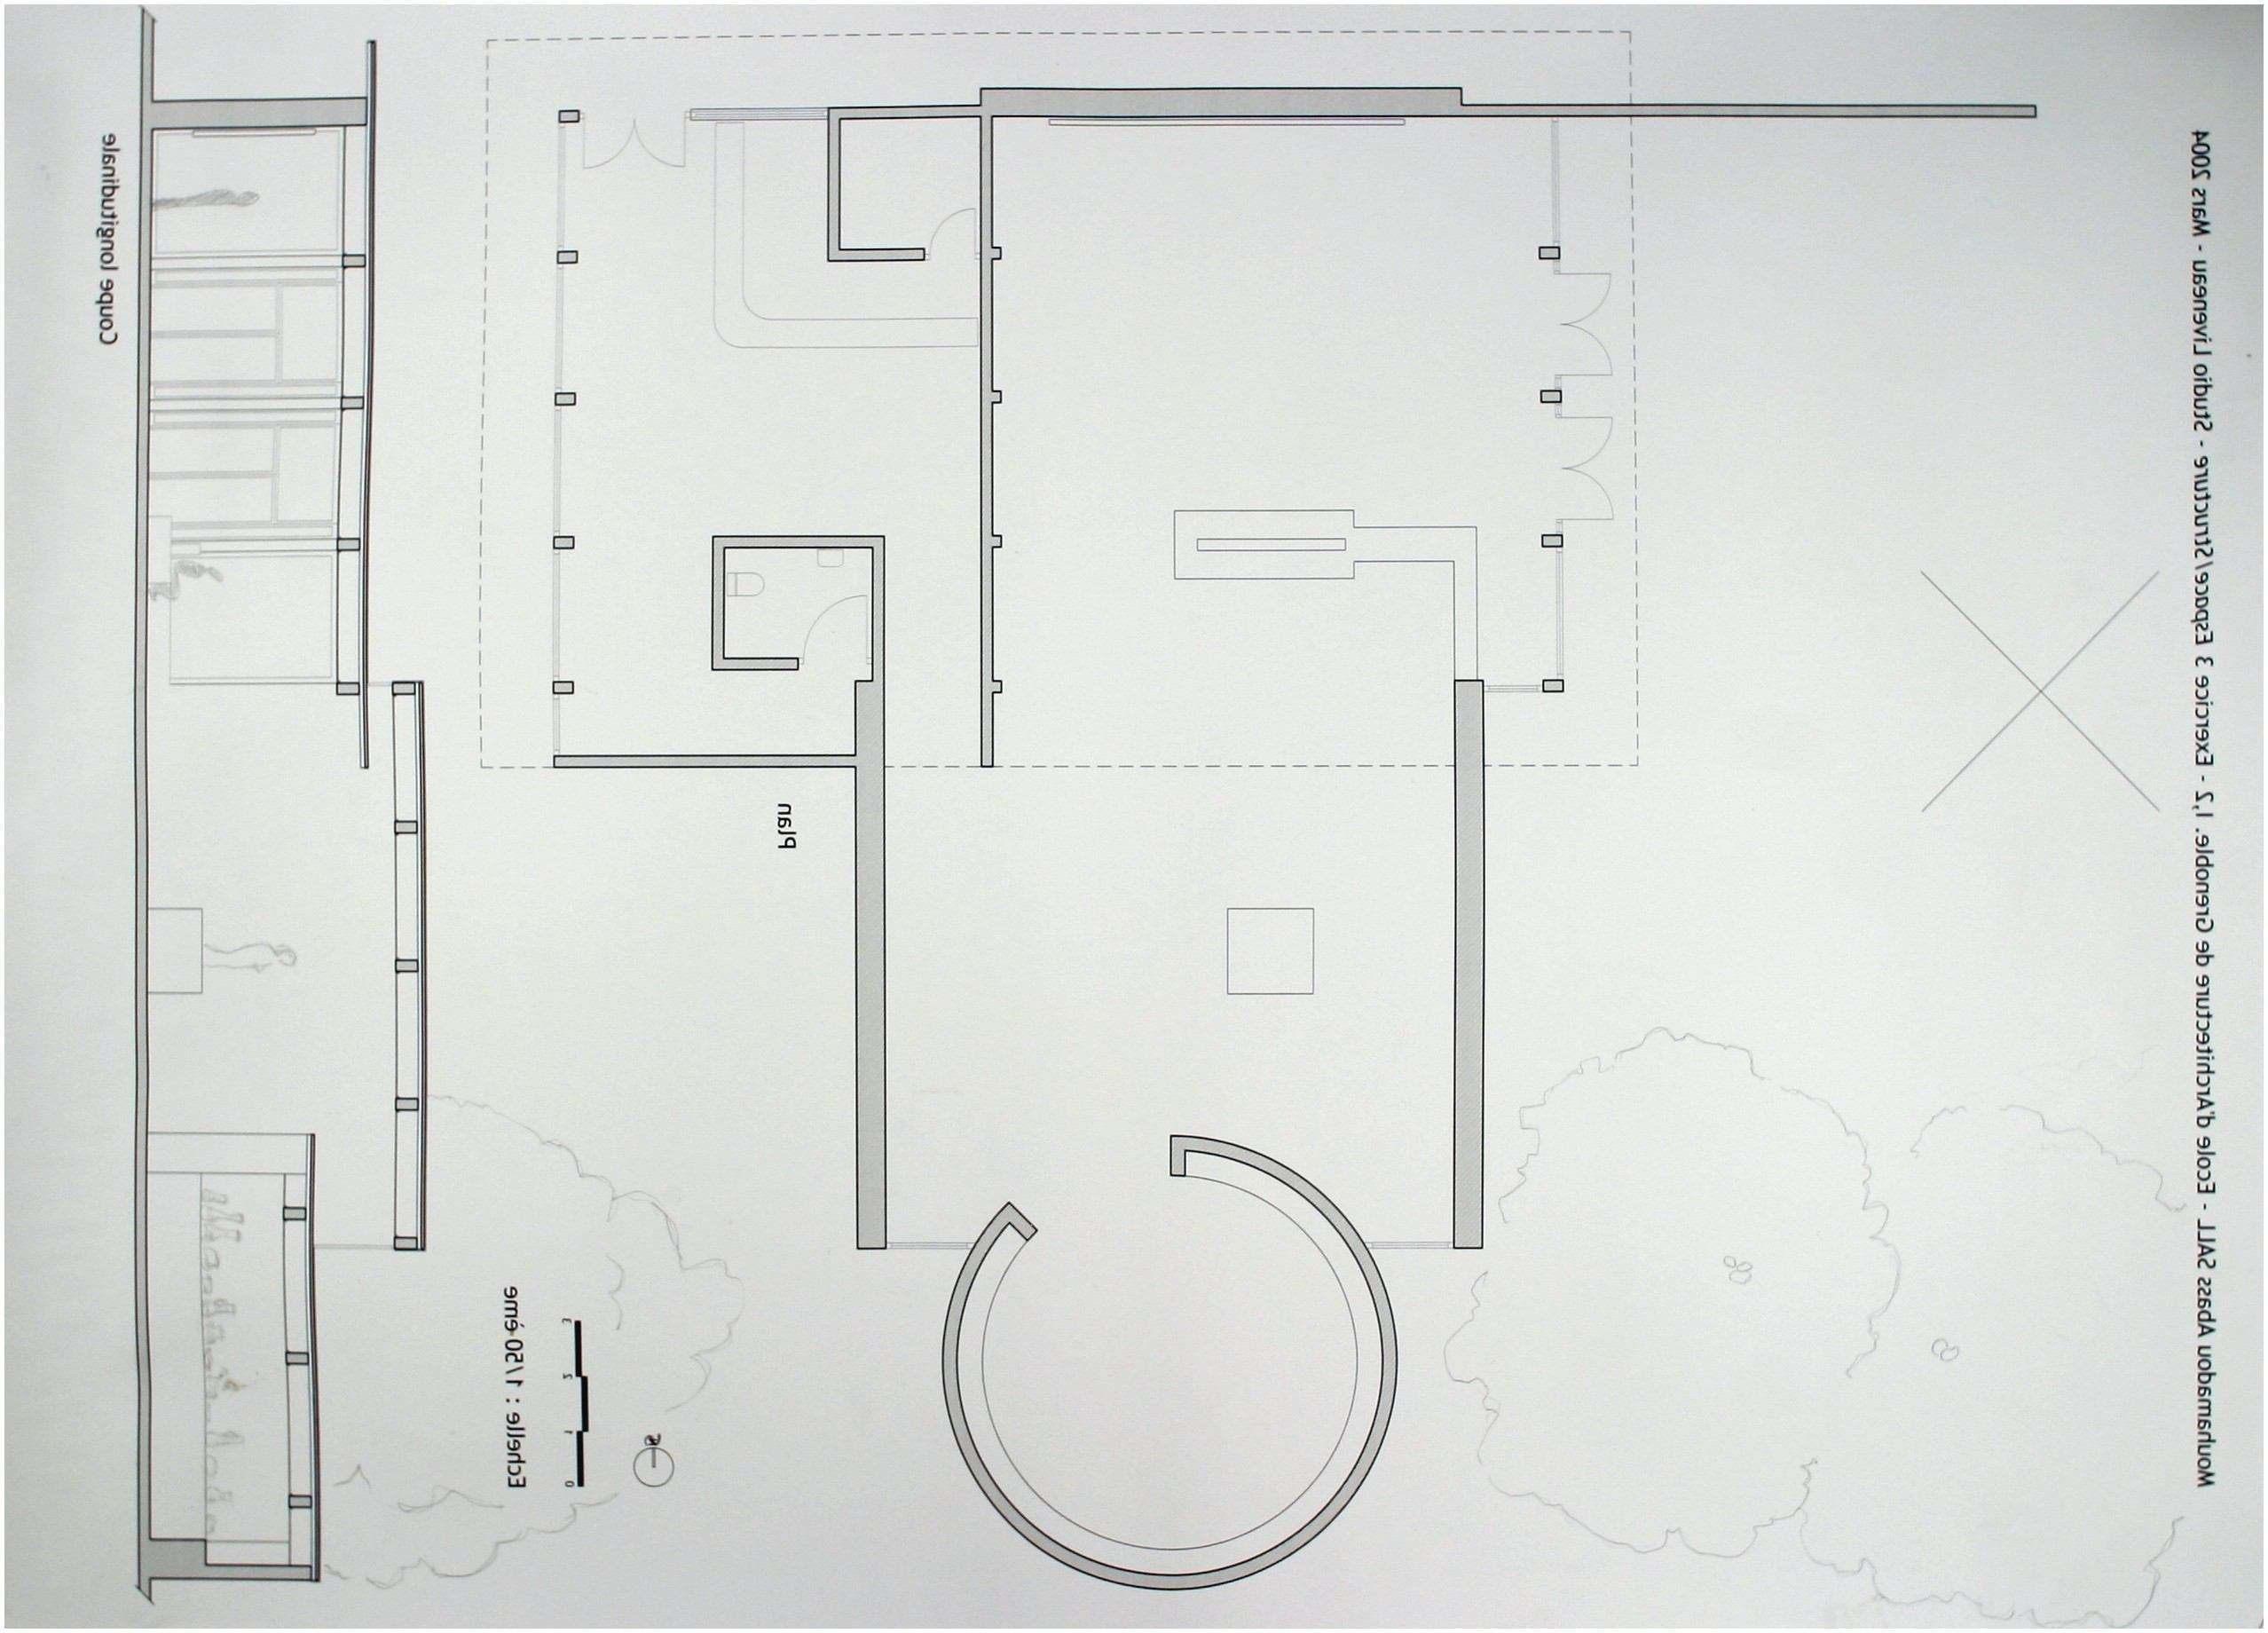 Contrat Location Chambre Meublée Chez L Habitant Beau 68 serapportantà Contrat De Location Meublée